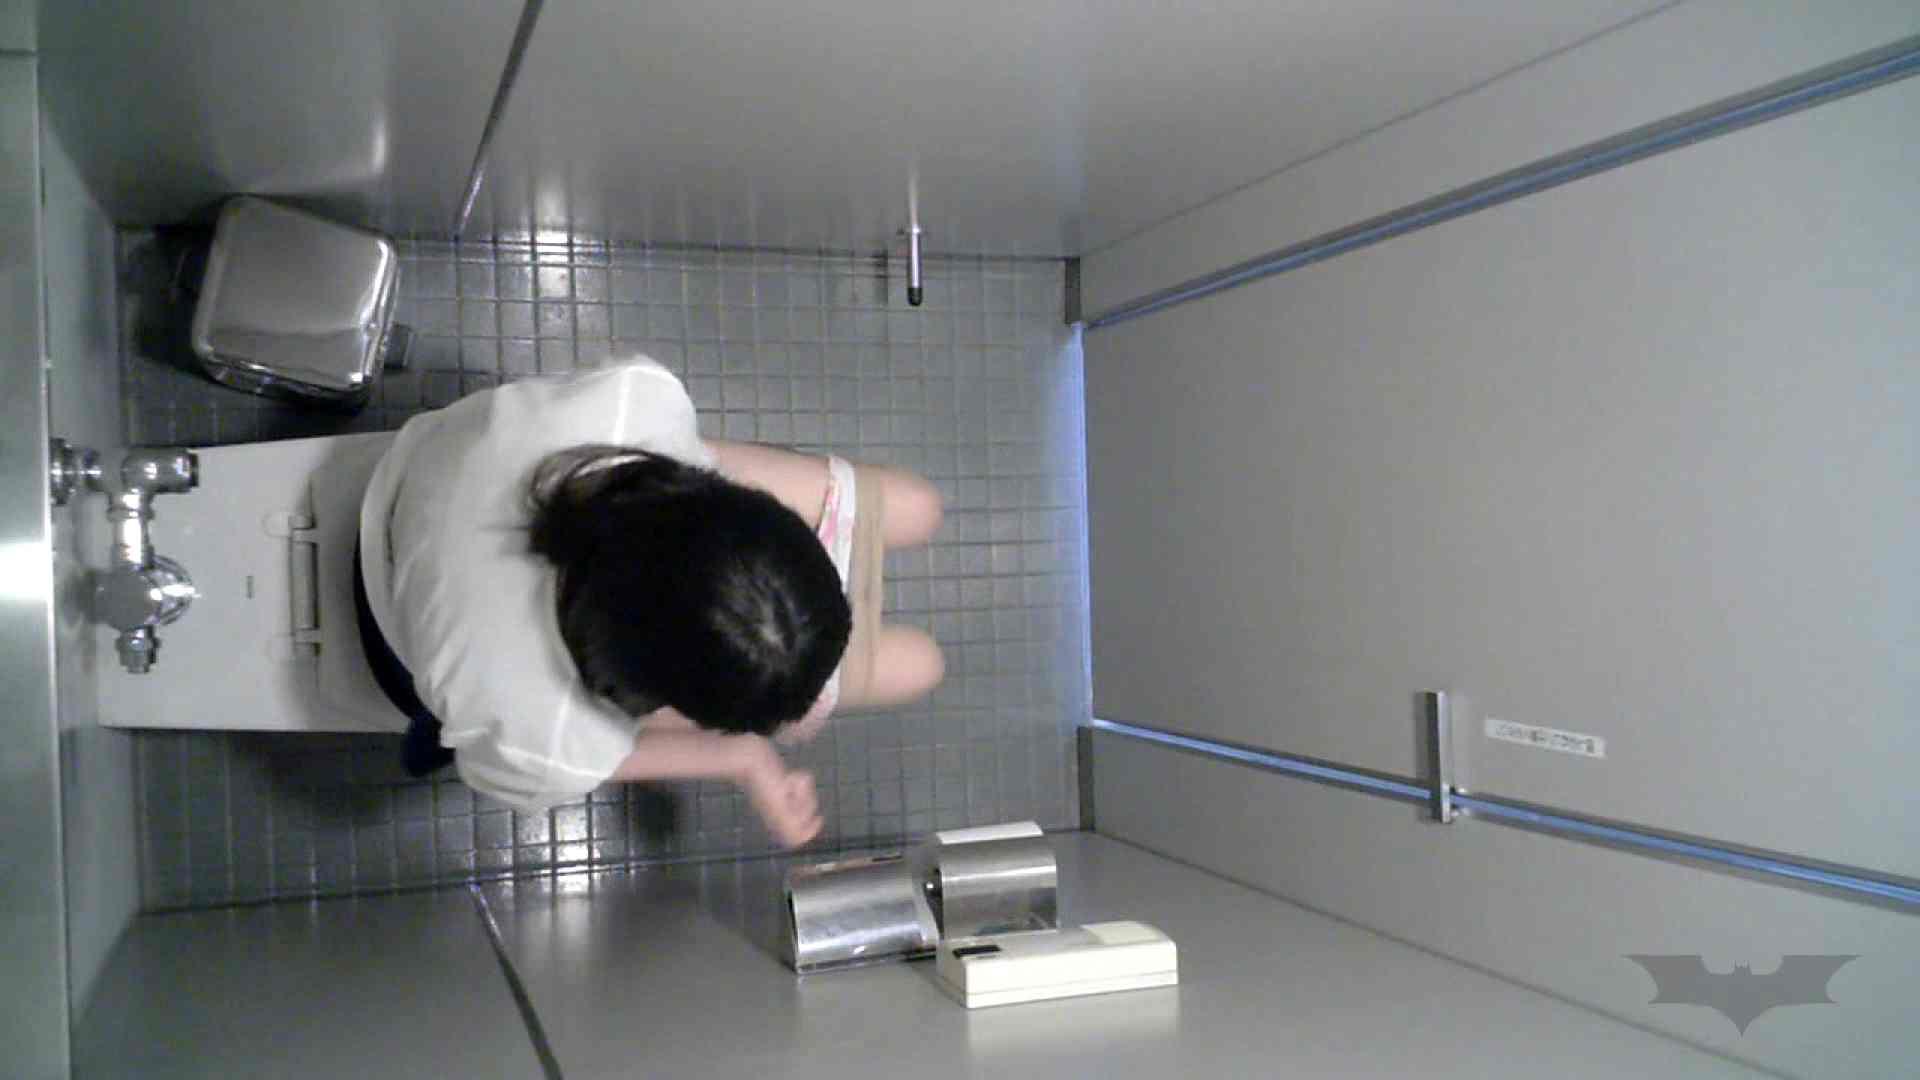 有名大学女性洗面所 vol.36 すっごい「ほじって」ます。 洗面所 すけべAV動画紹介 60pic 8